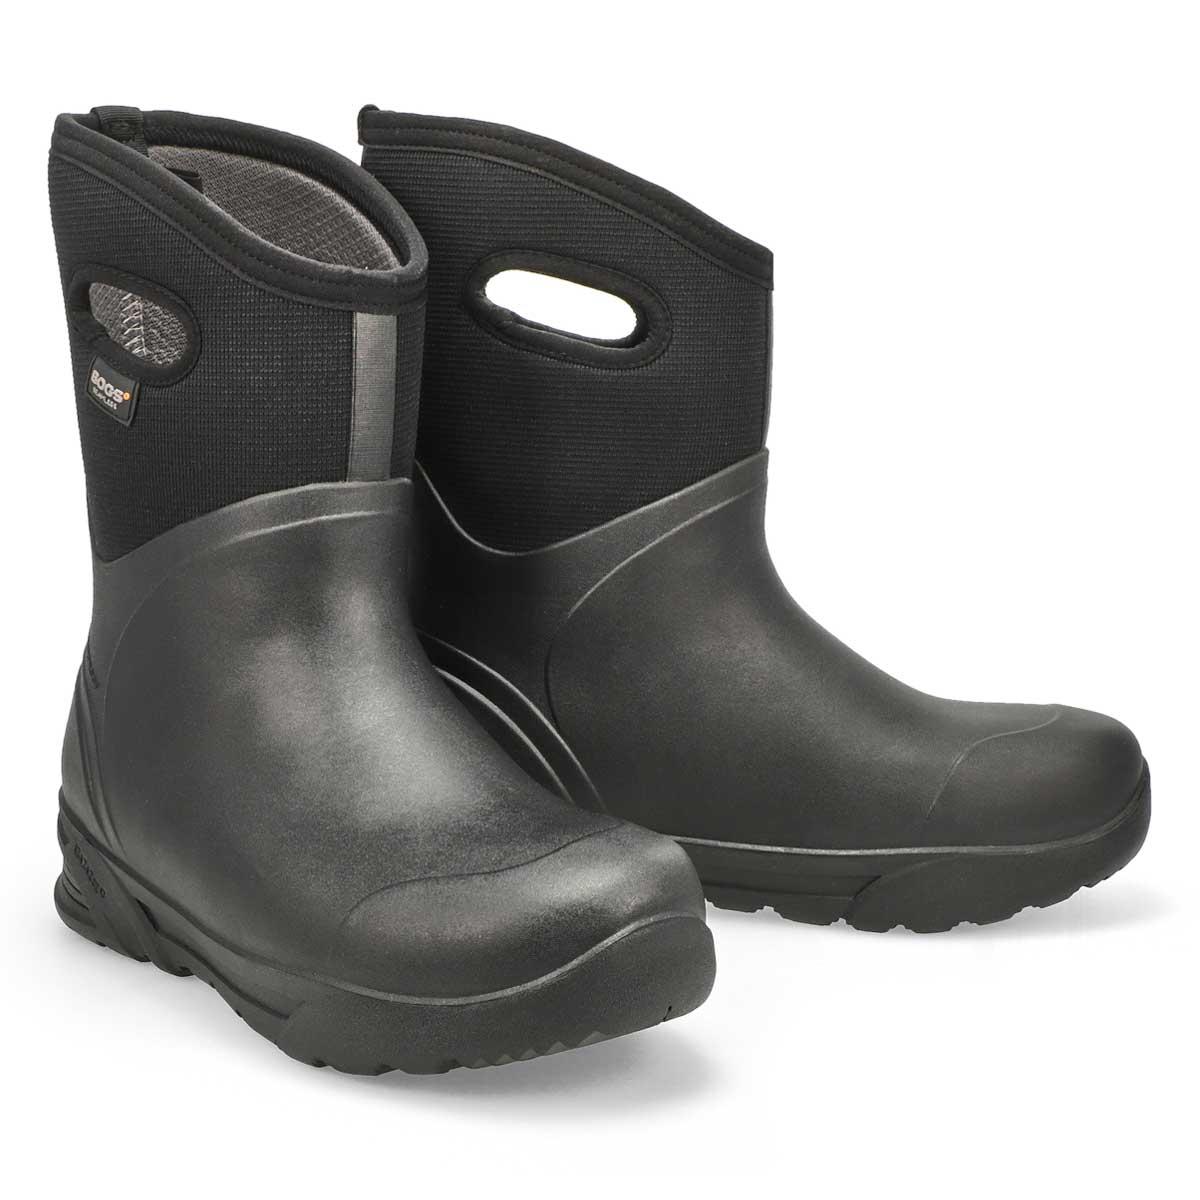 Mns Bozeman Mid black wtpf boot